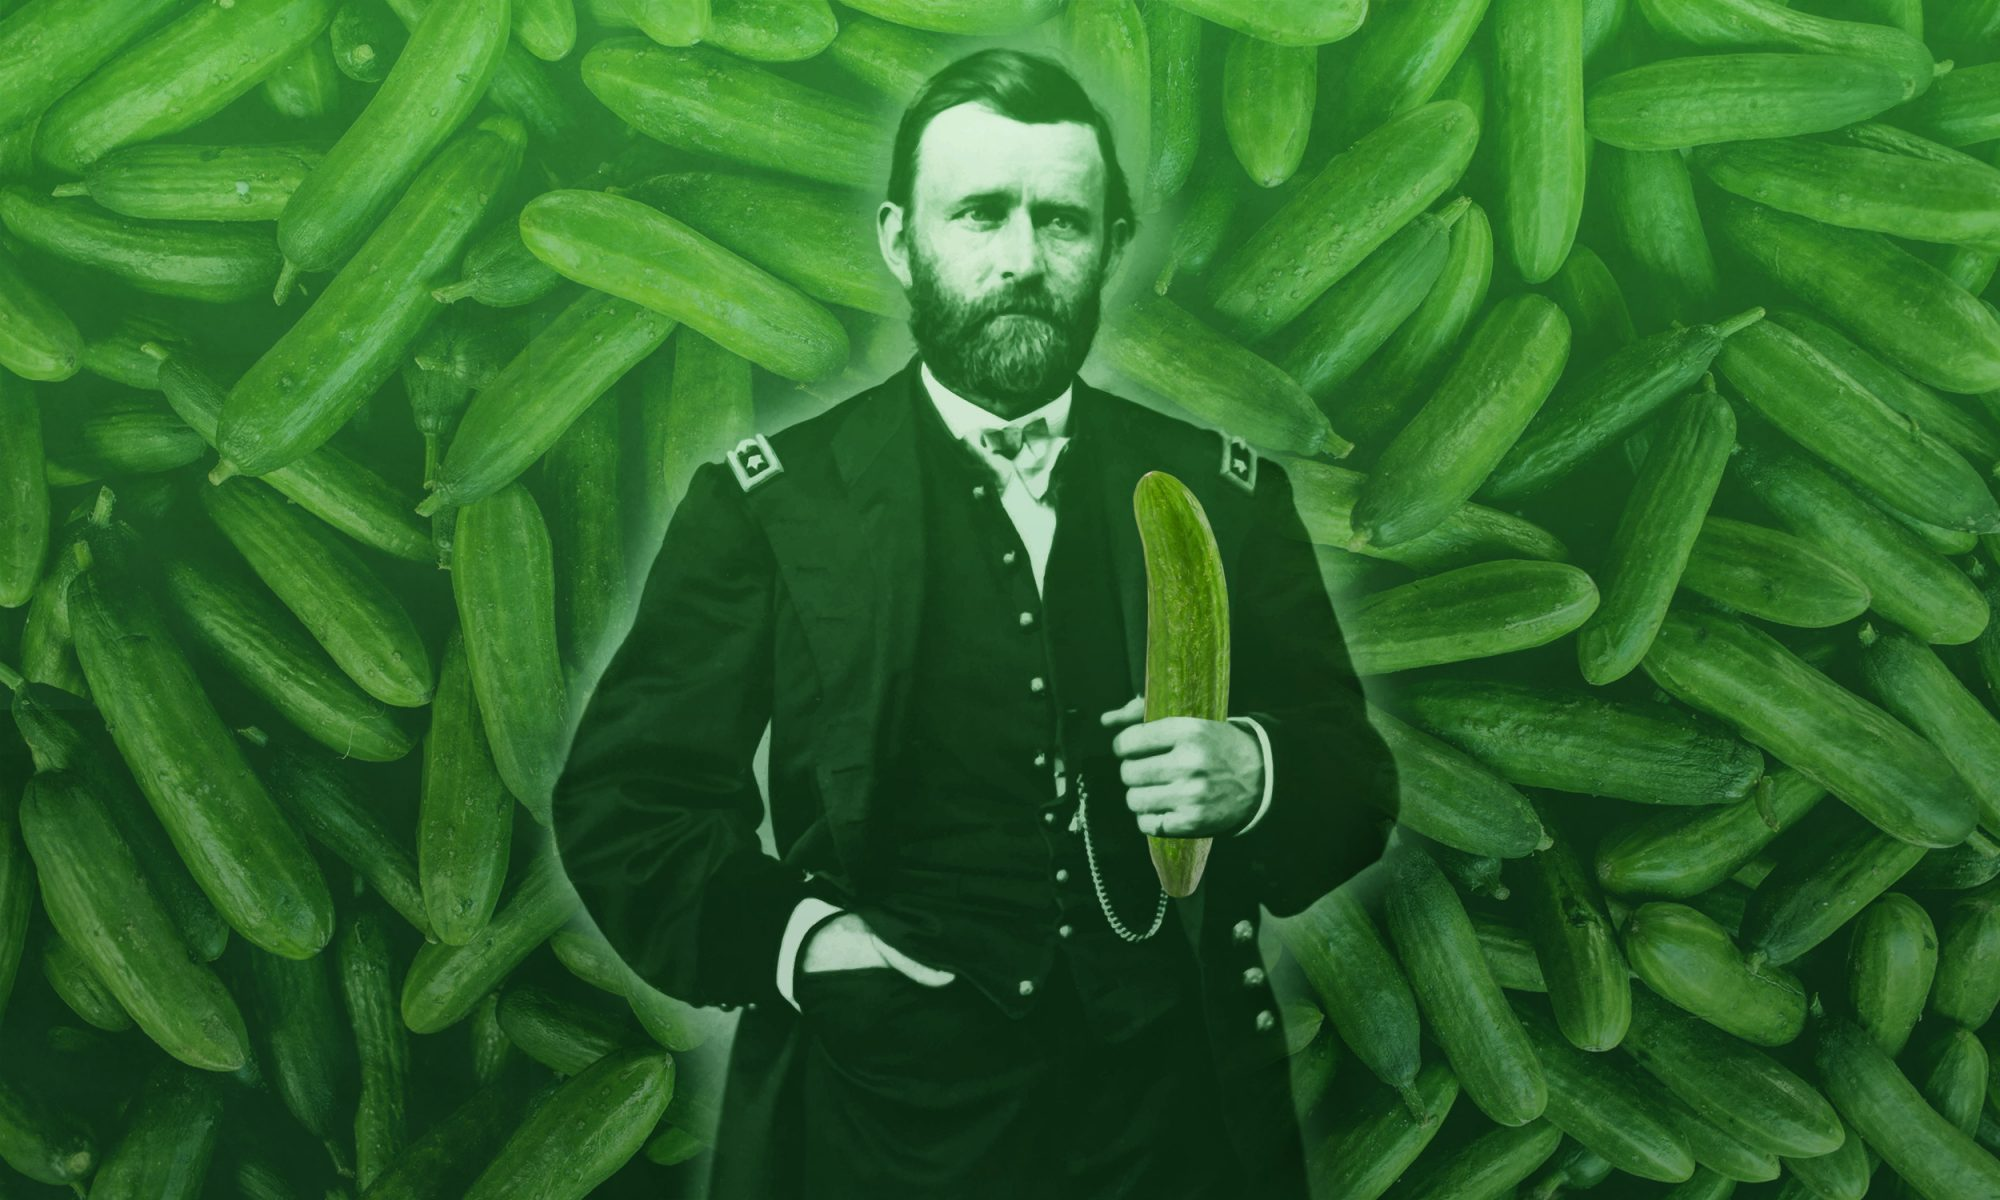 EC:  ulysses-grant-cucumber